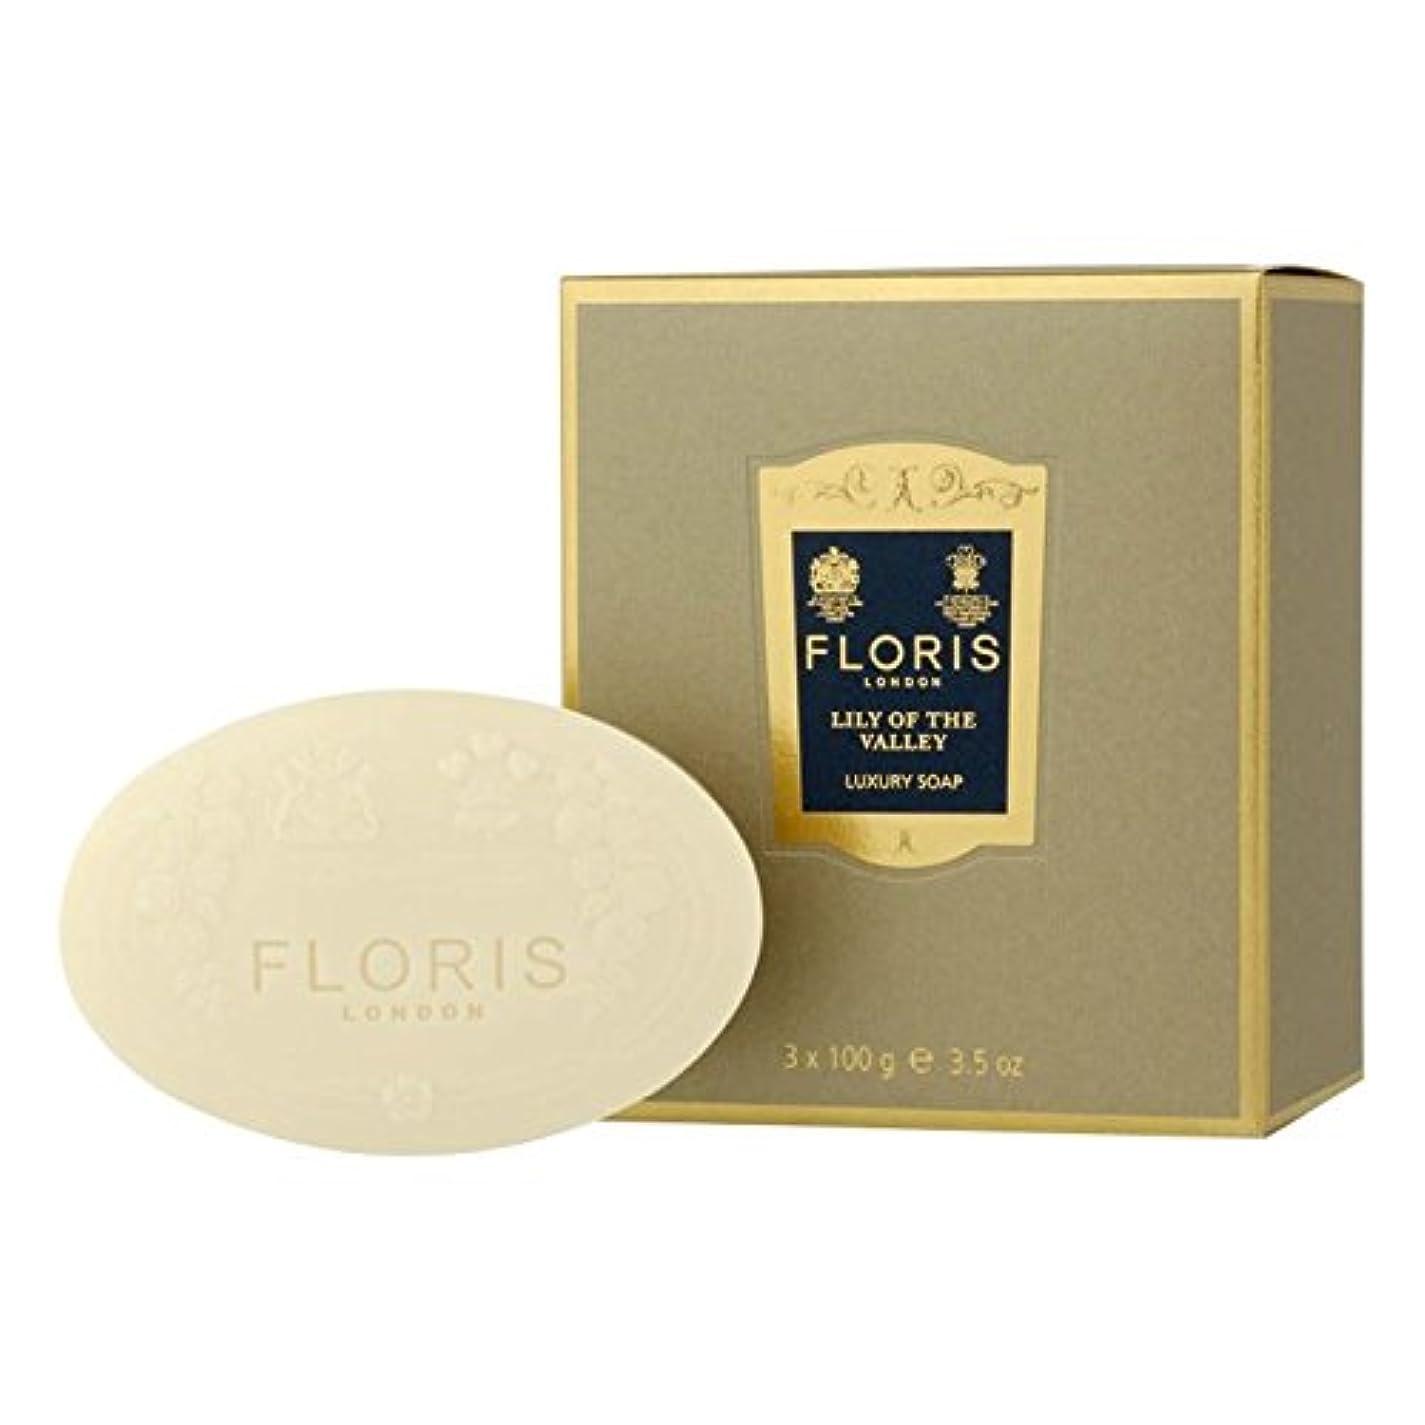 自己尊重わな落胆した[Floris ] 谷の高級石鹸のフロリスユリは、3×100グラムを設定します - Floris Lily of the Valley Luxury Soap Set 3 x 100g [並行輸入品]